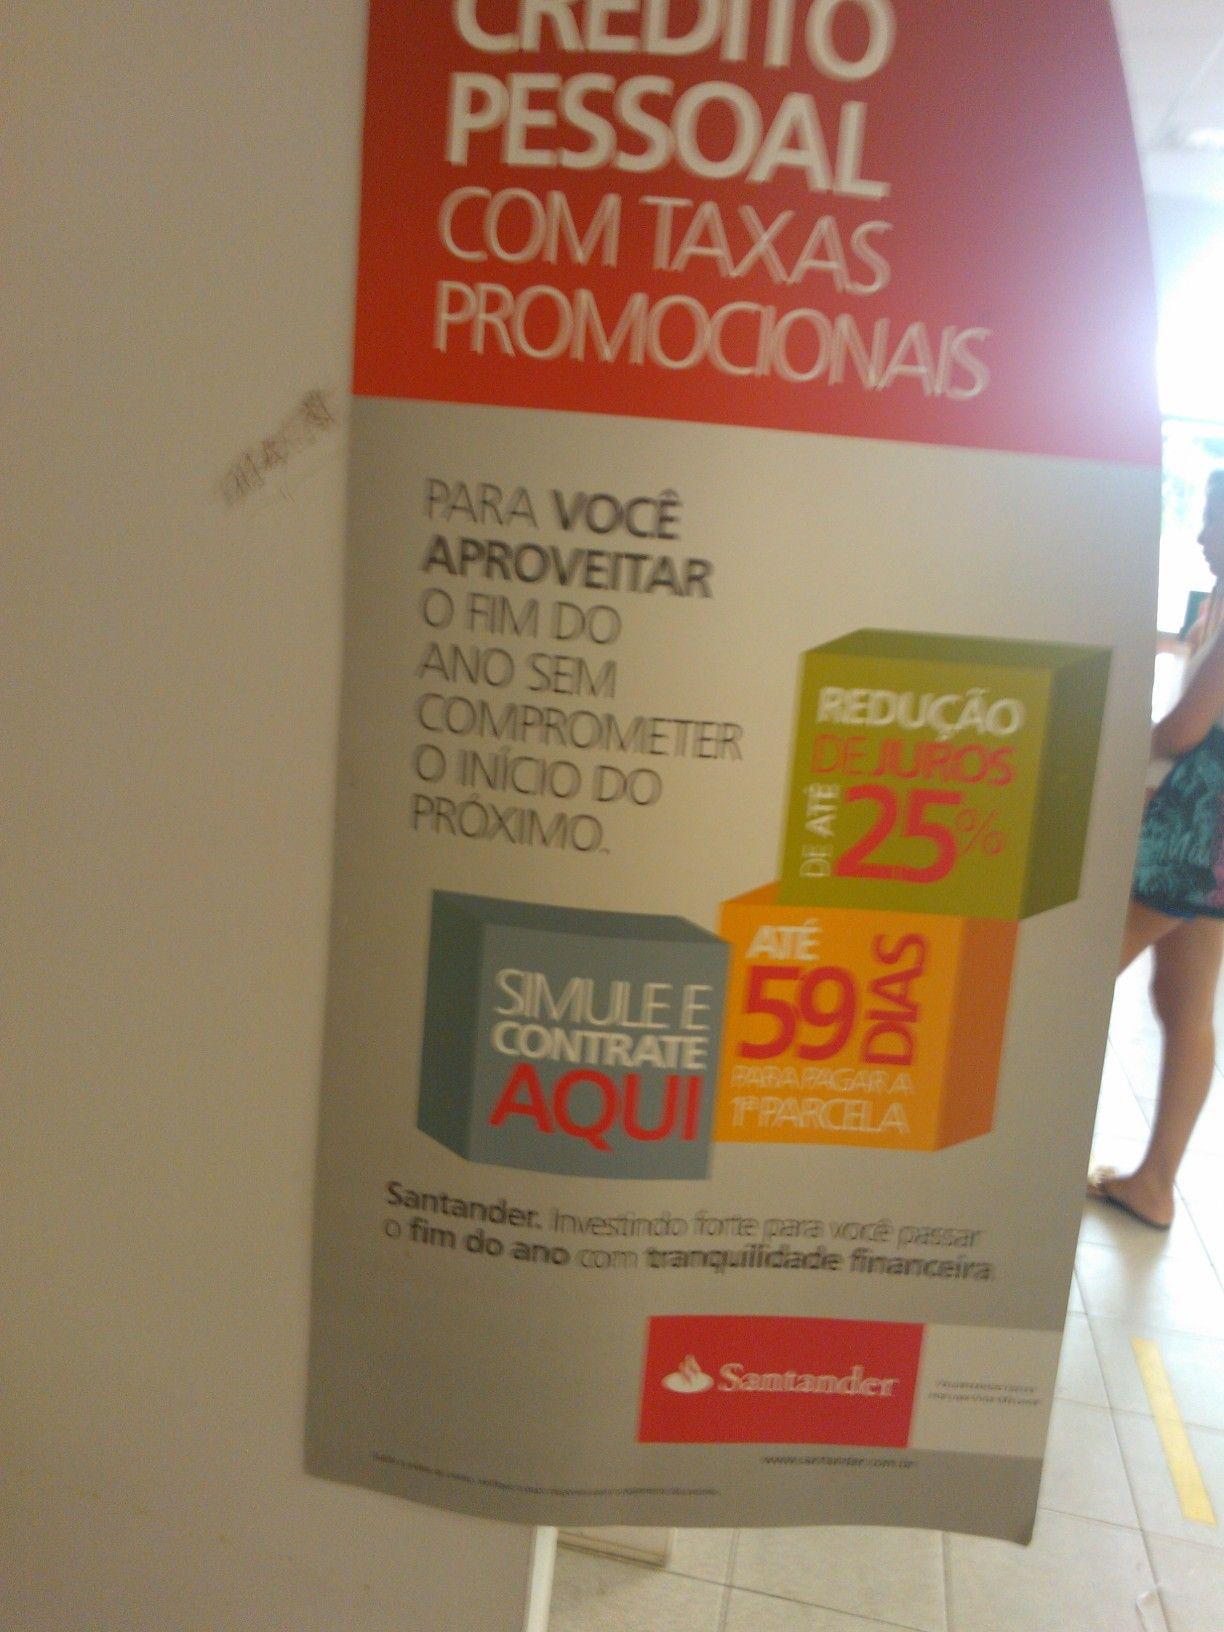 Dia 18/03/13 e o Santander fazendo campanha para o fim de ano? Ou esqueceram de tirar os cartazes?